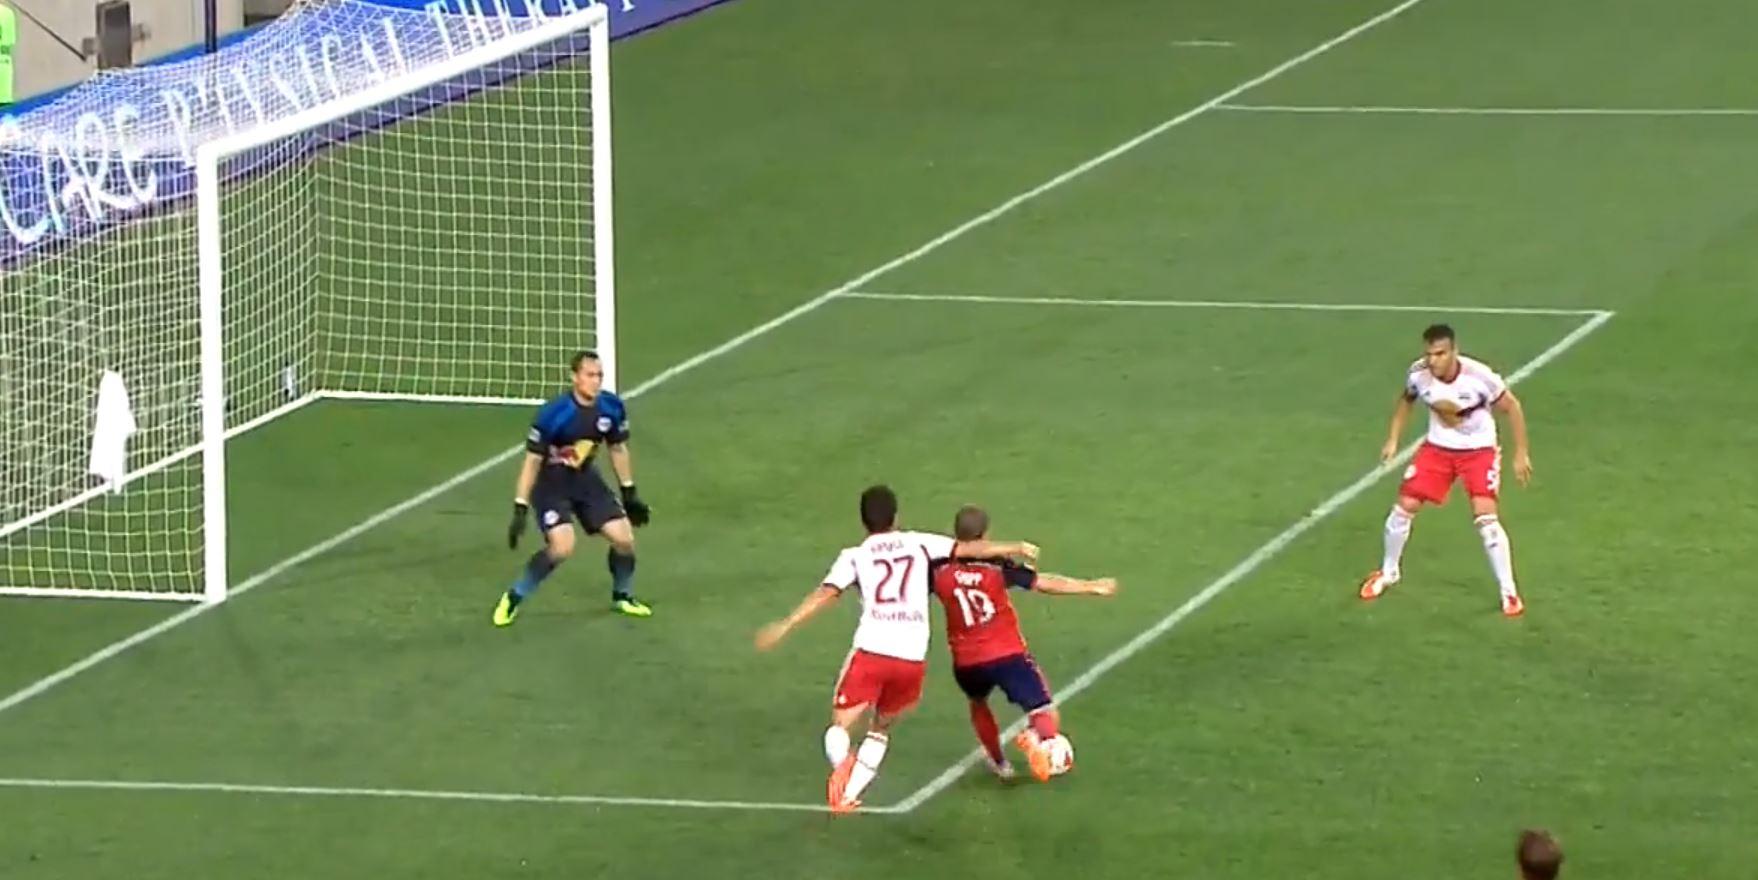 fourth goal 5